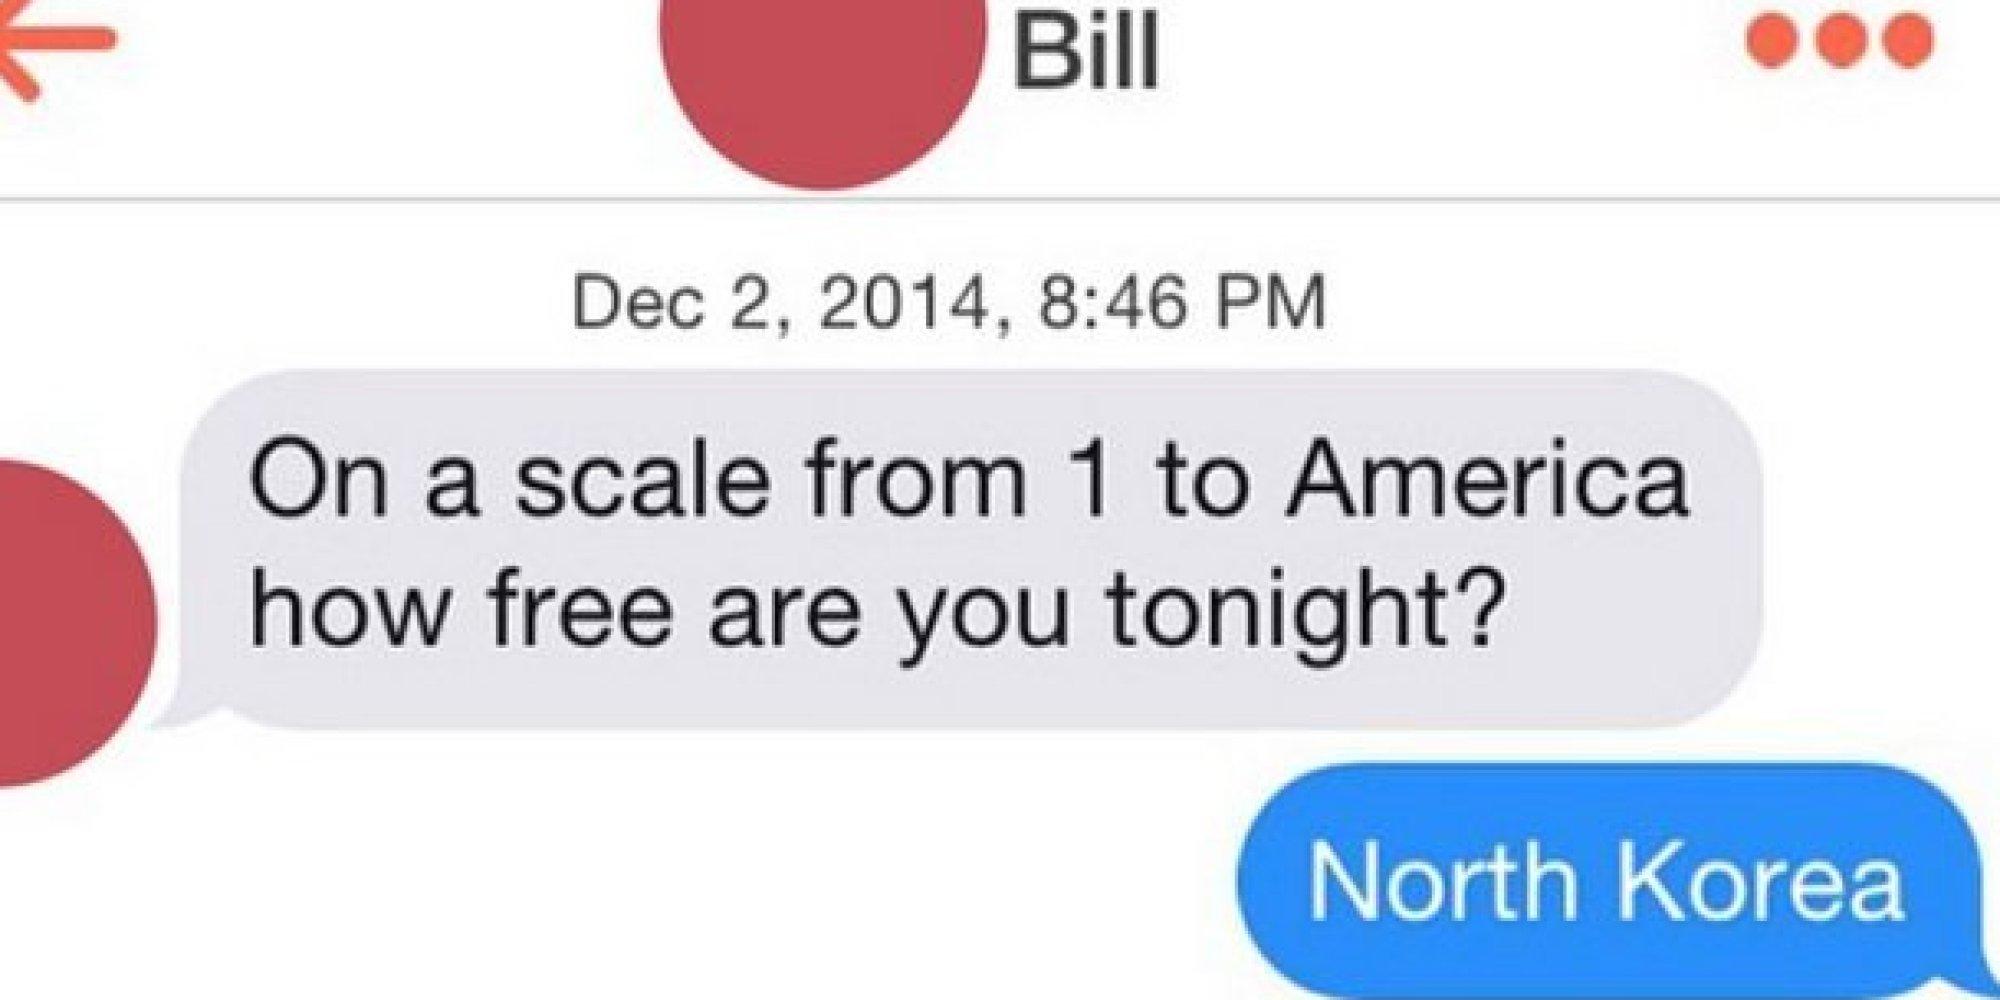 Online dating nightmares